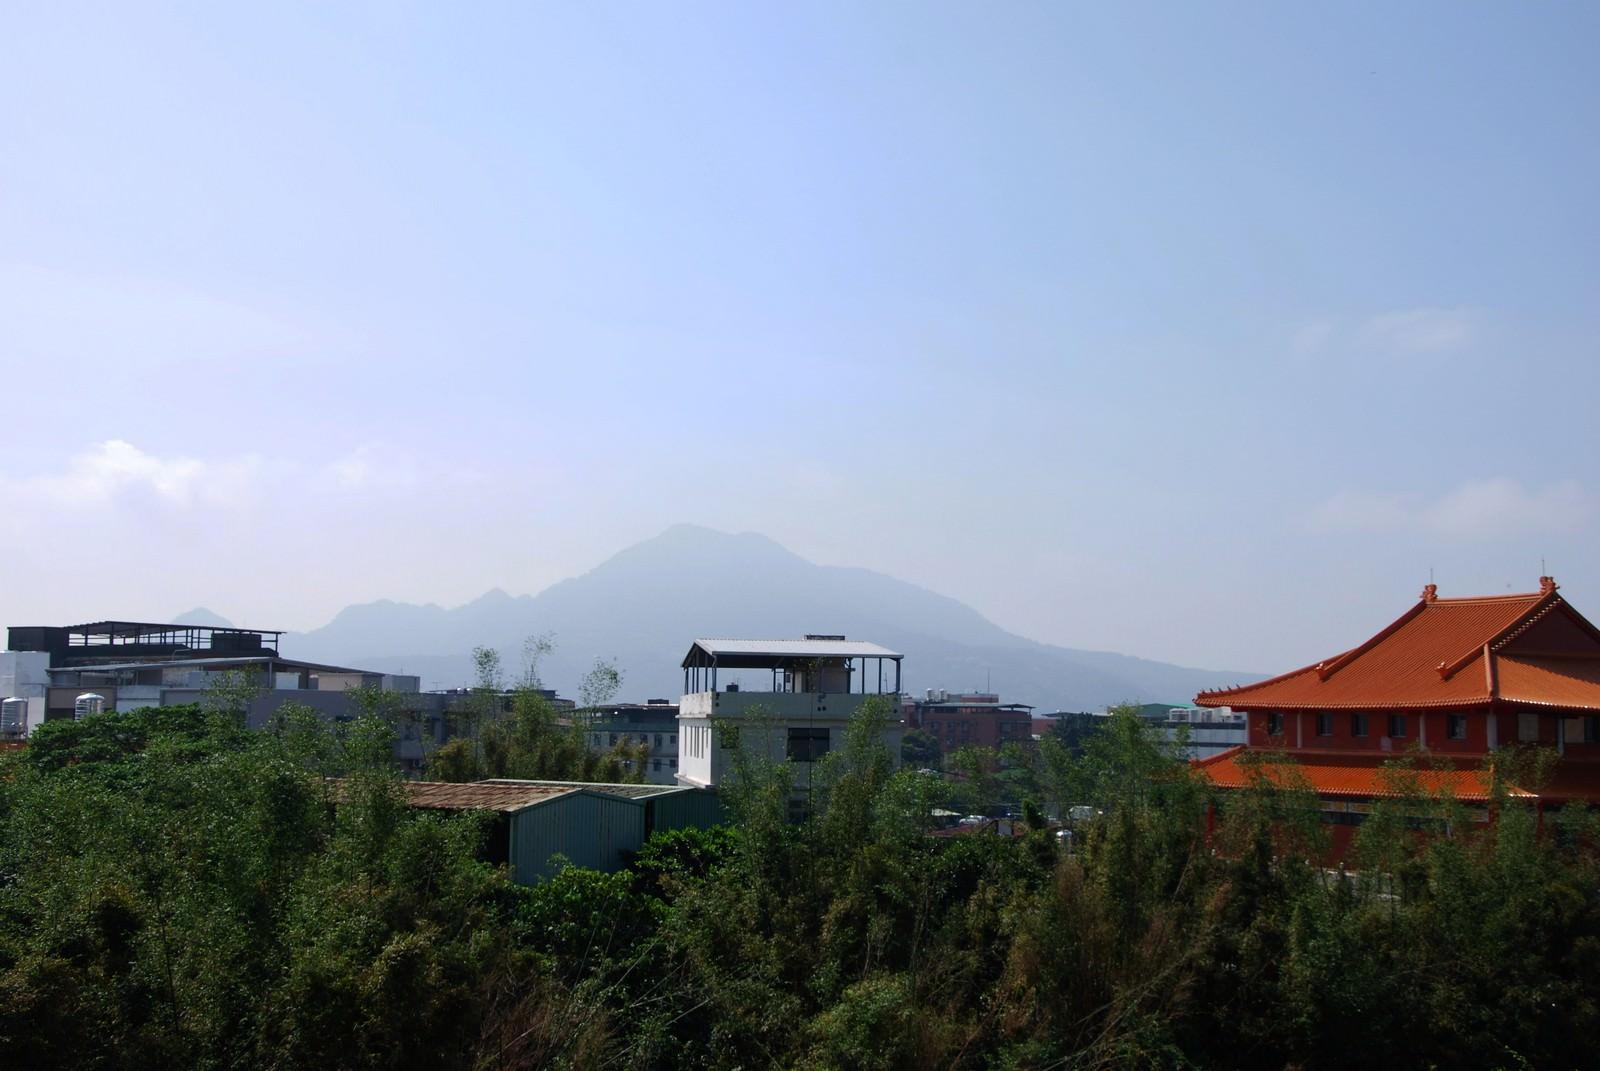 淡海輕軌綠山線, 輕軌淡江大學站, 周邊環境